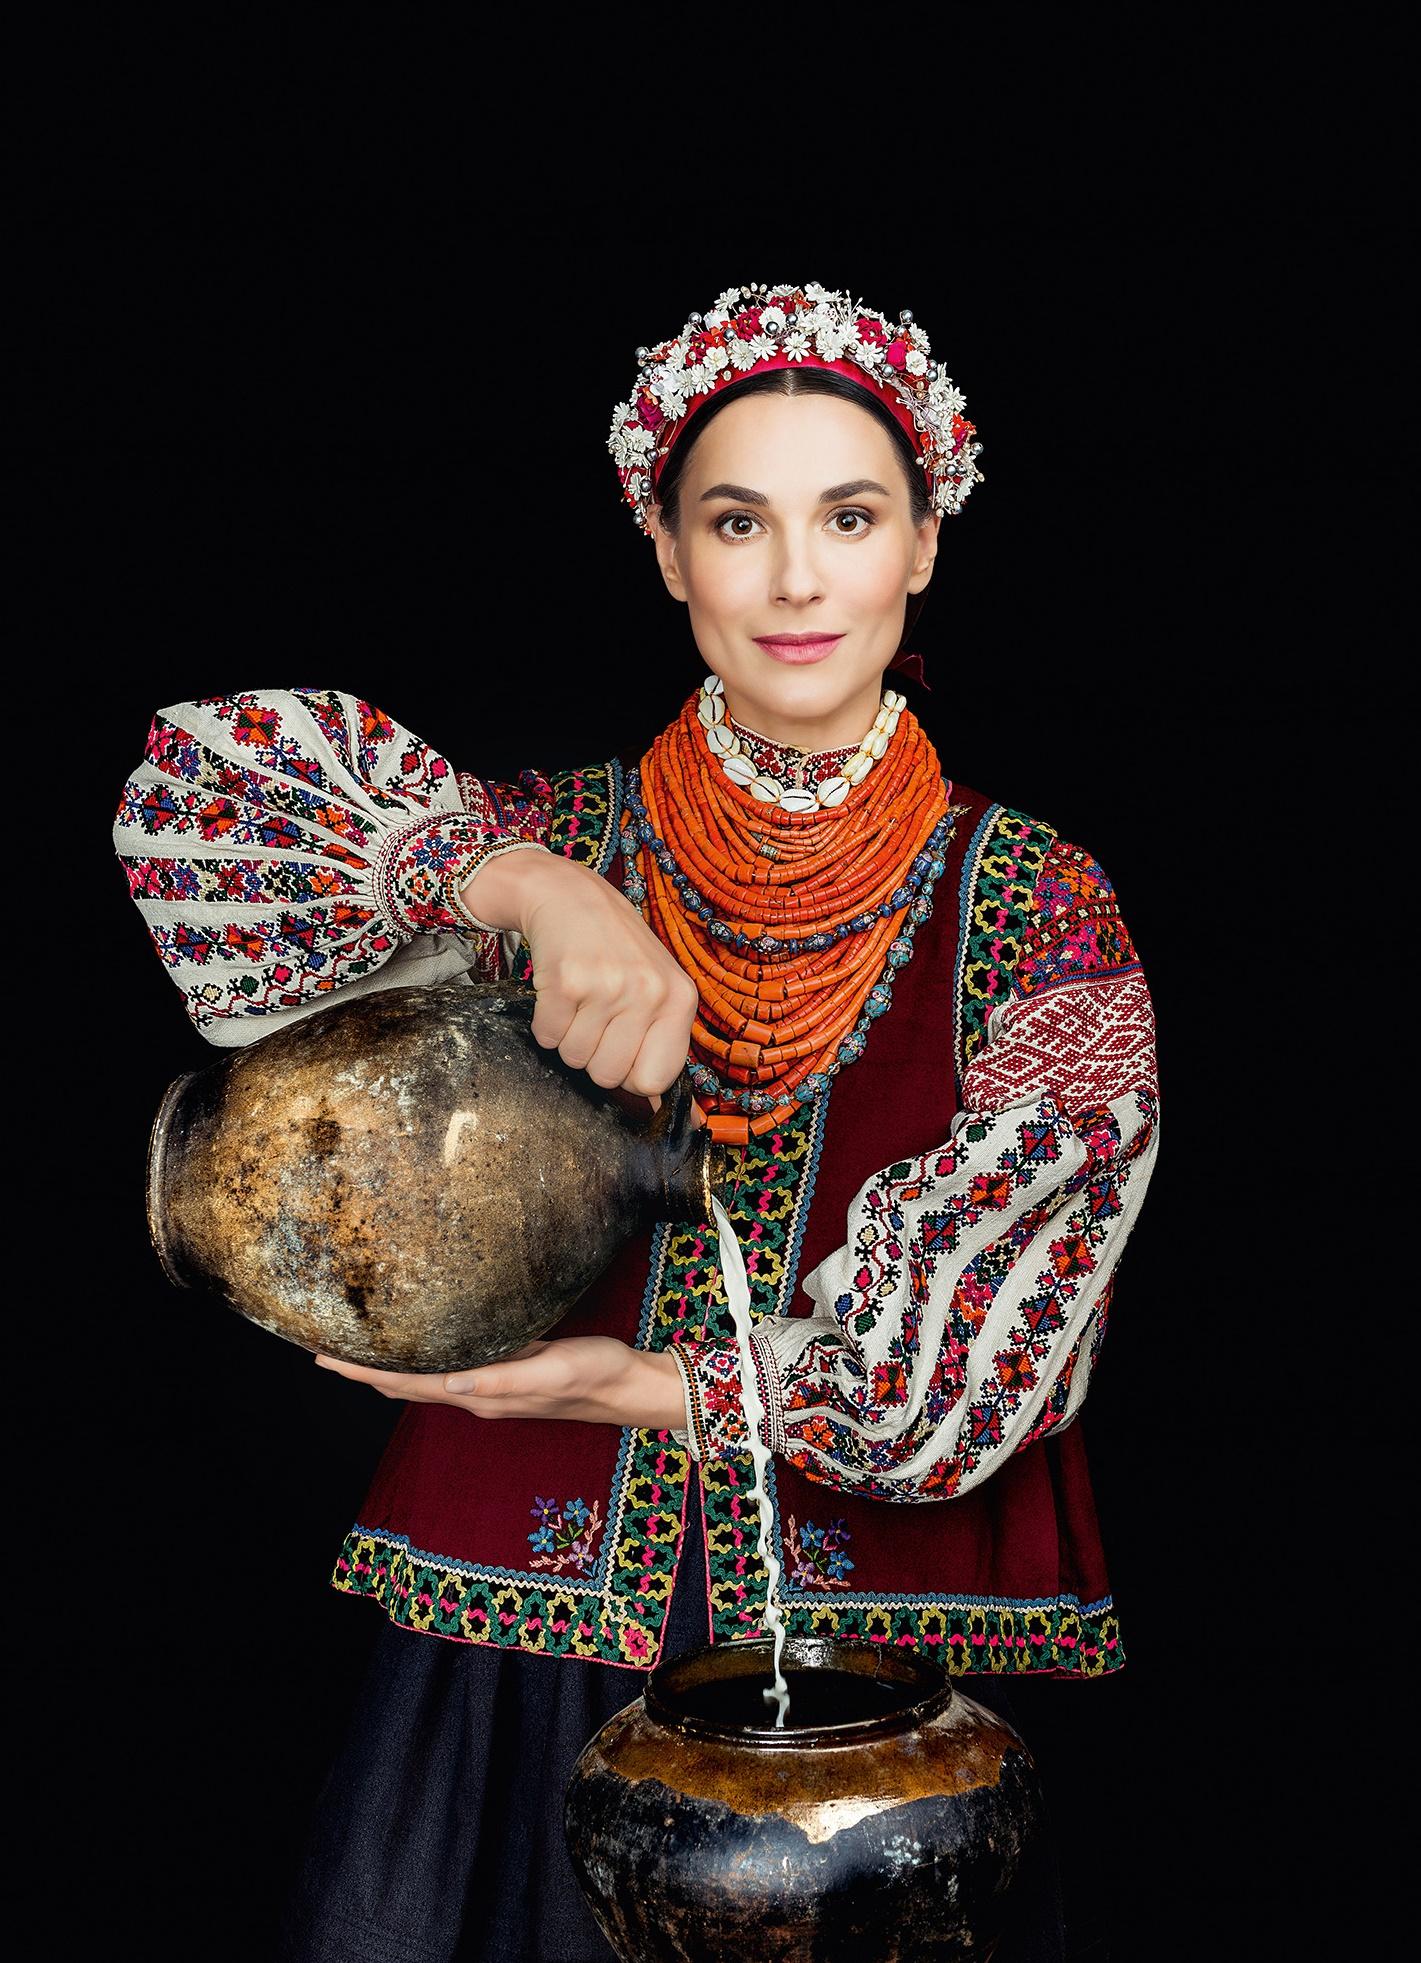 Кароль, Фреймут, Єфросиніна вбралися у розкішне українське вбрання - фото 3